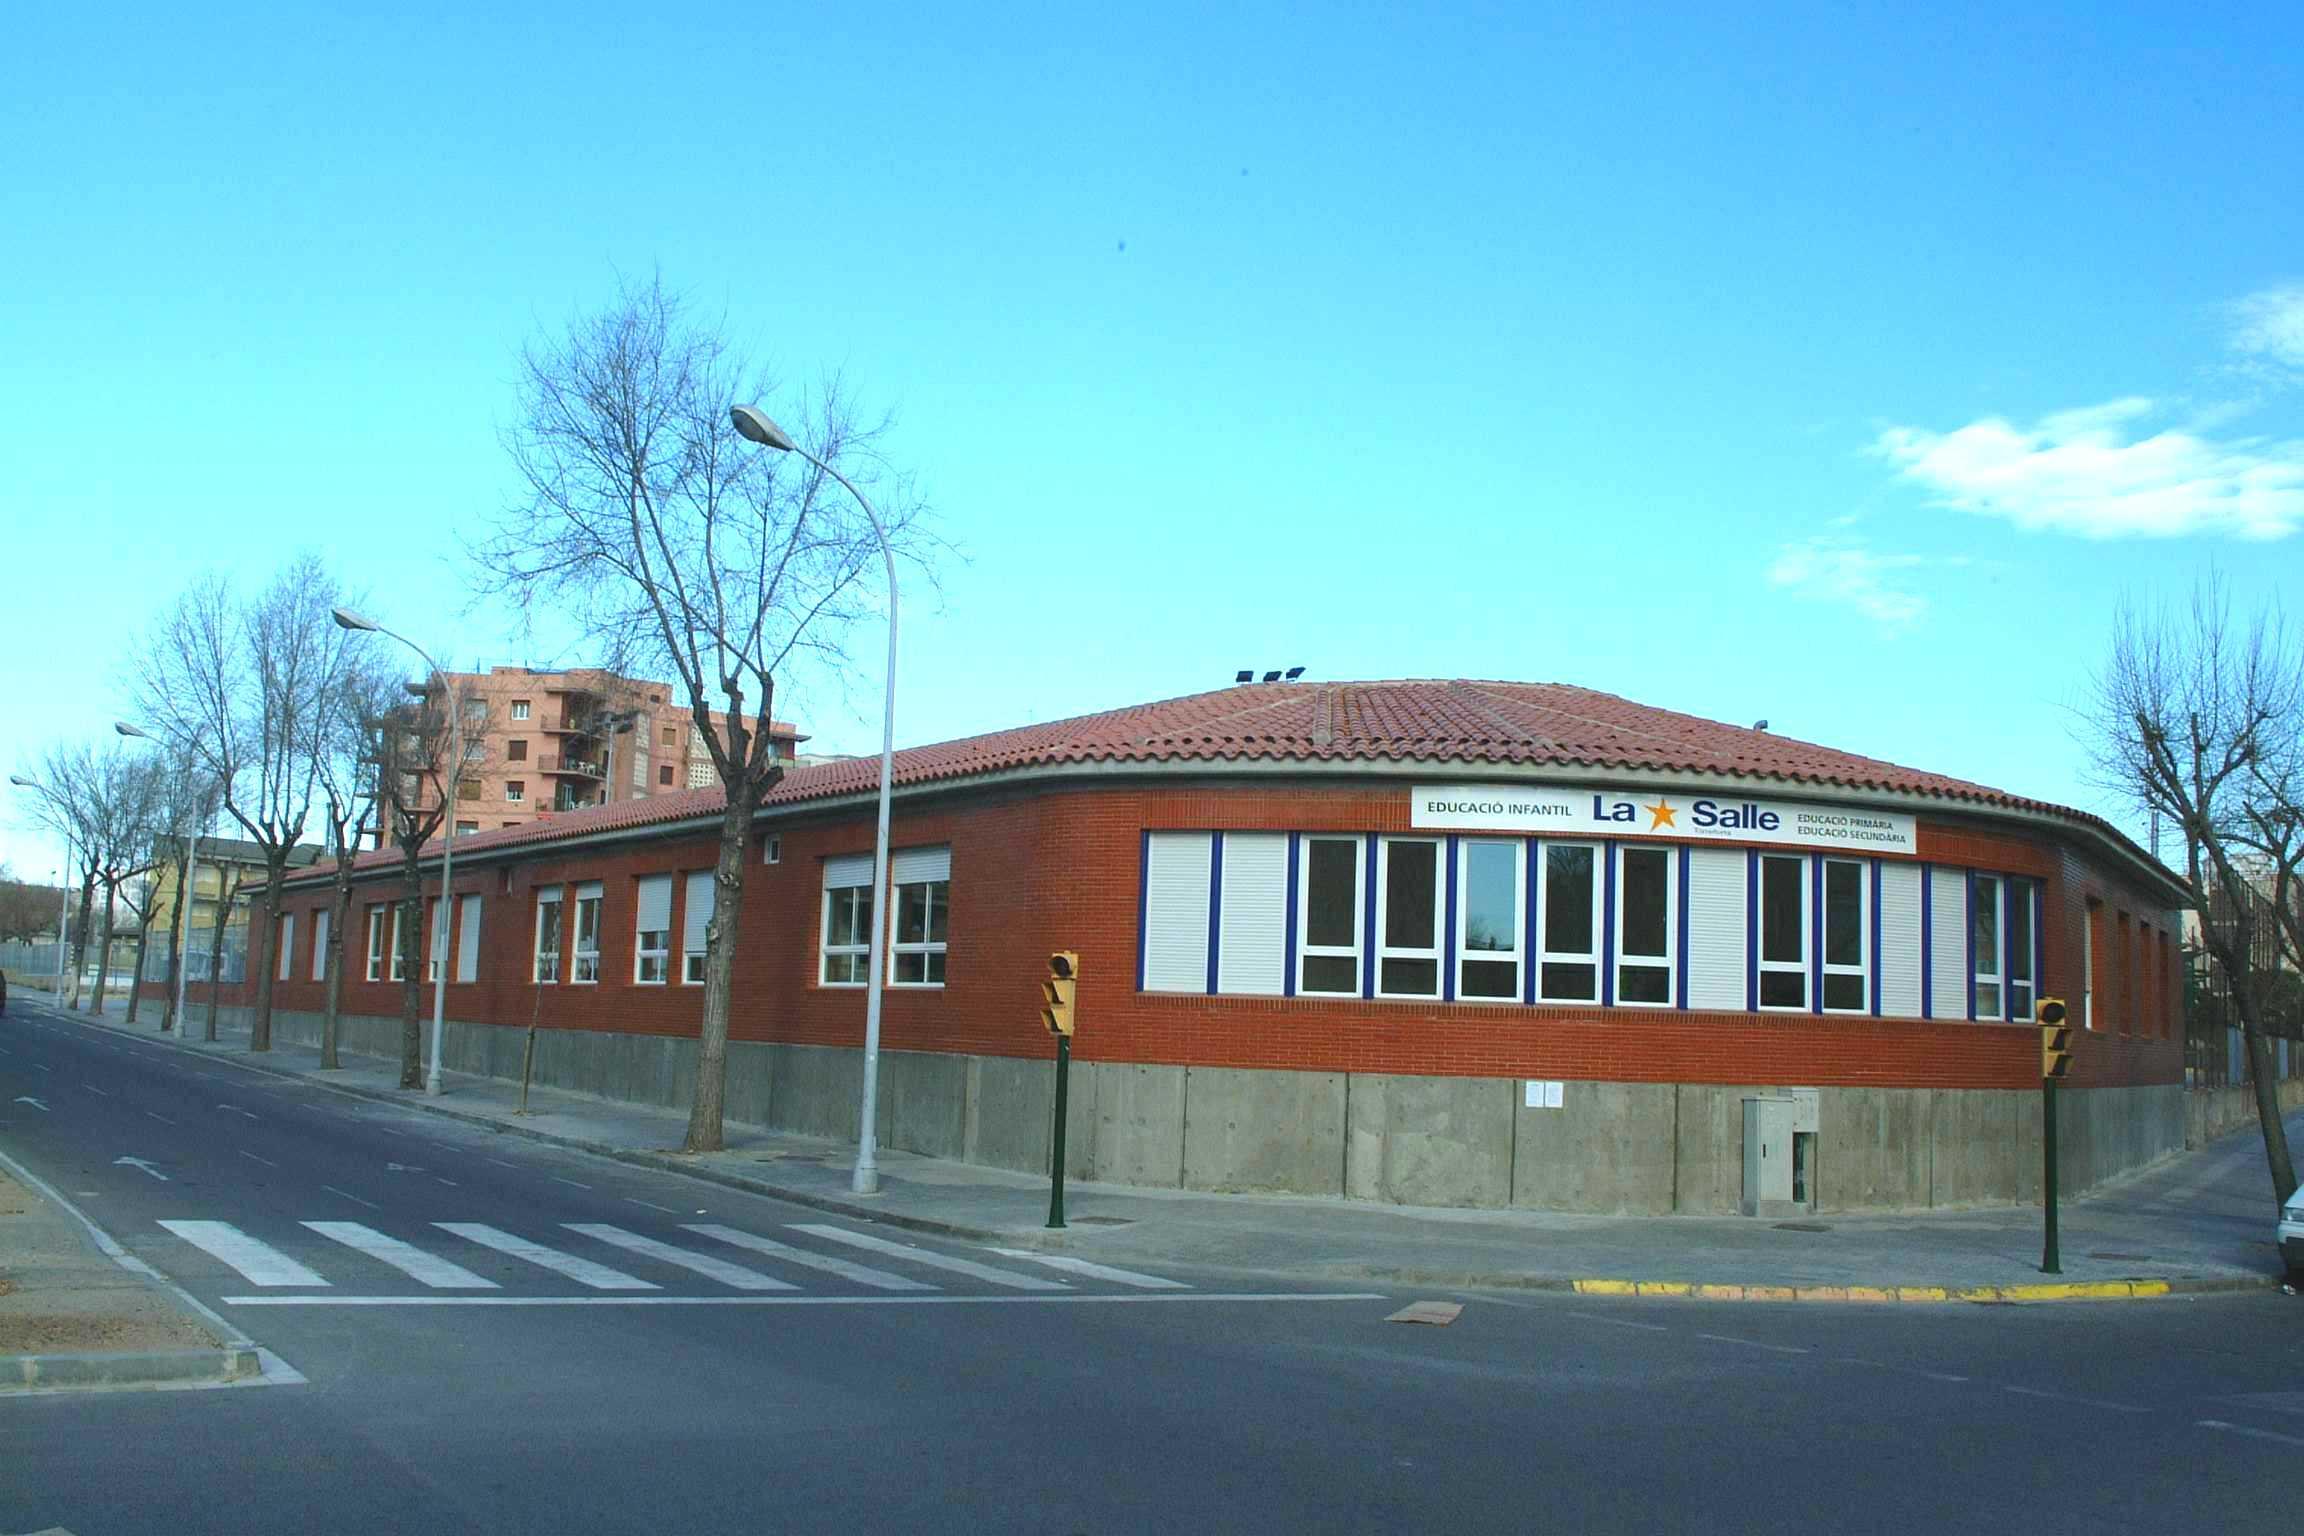 Edifici de La Salle Torreforta, col·legi amb més de 50 anys d'història